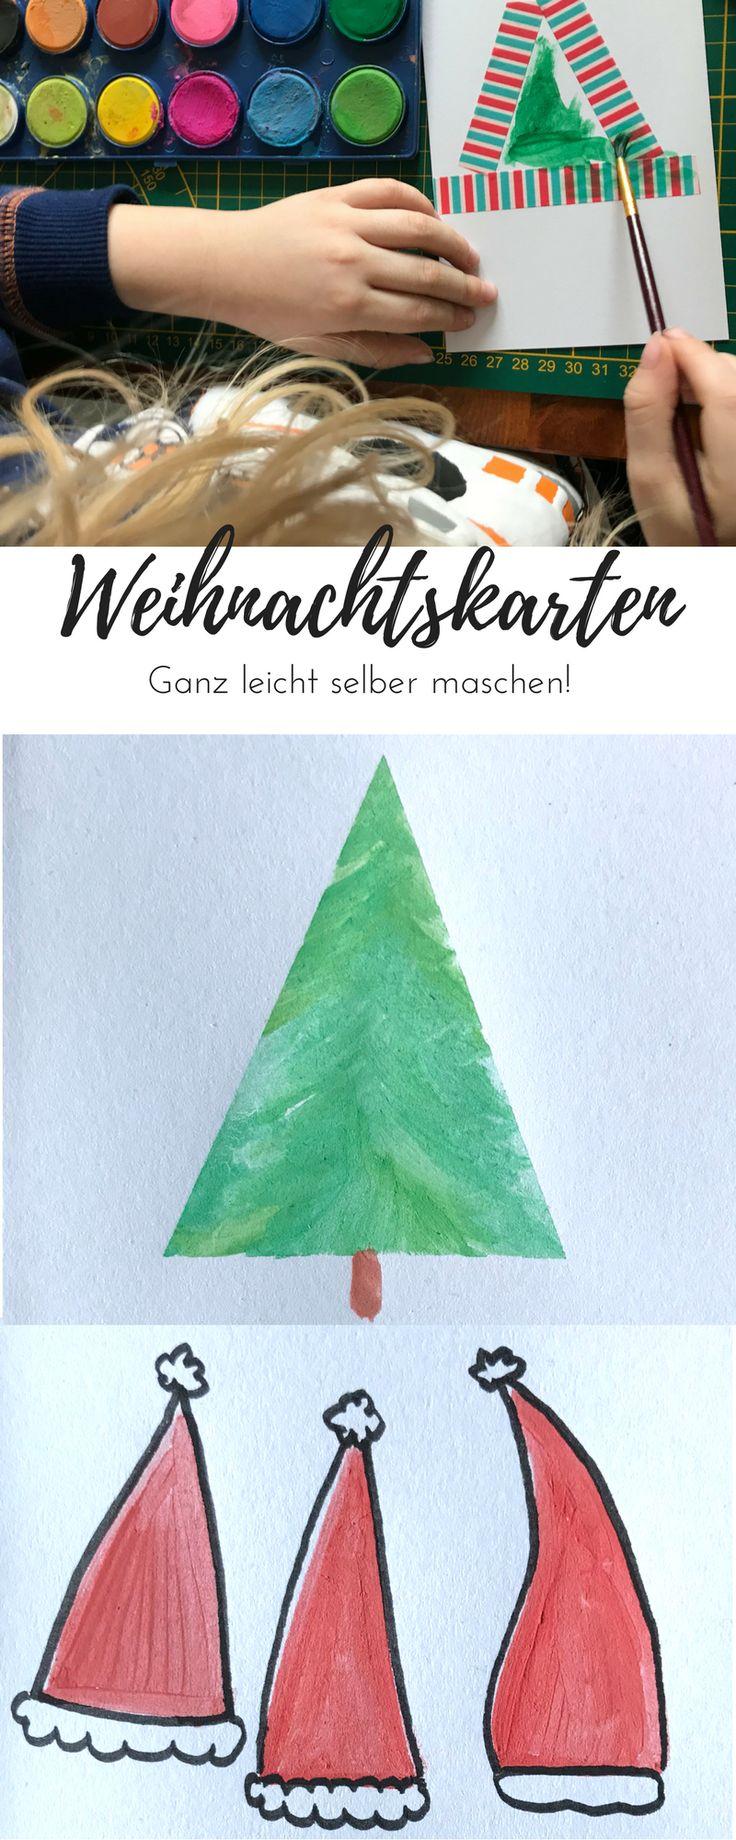 DIY Weihnachtskarten kann man ganz leicht selber machen. Hier zeige ich euch 4 Motive, die ihr ganz leicht mit euren Kindern basteln könnt. #weihnachtskarten #bastelnmitkindern #weihnachtendiy